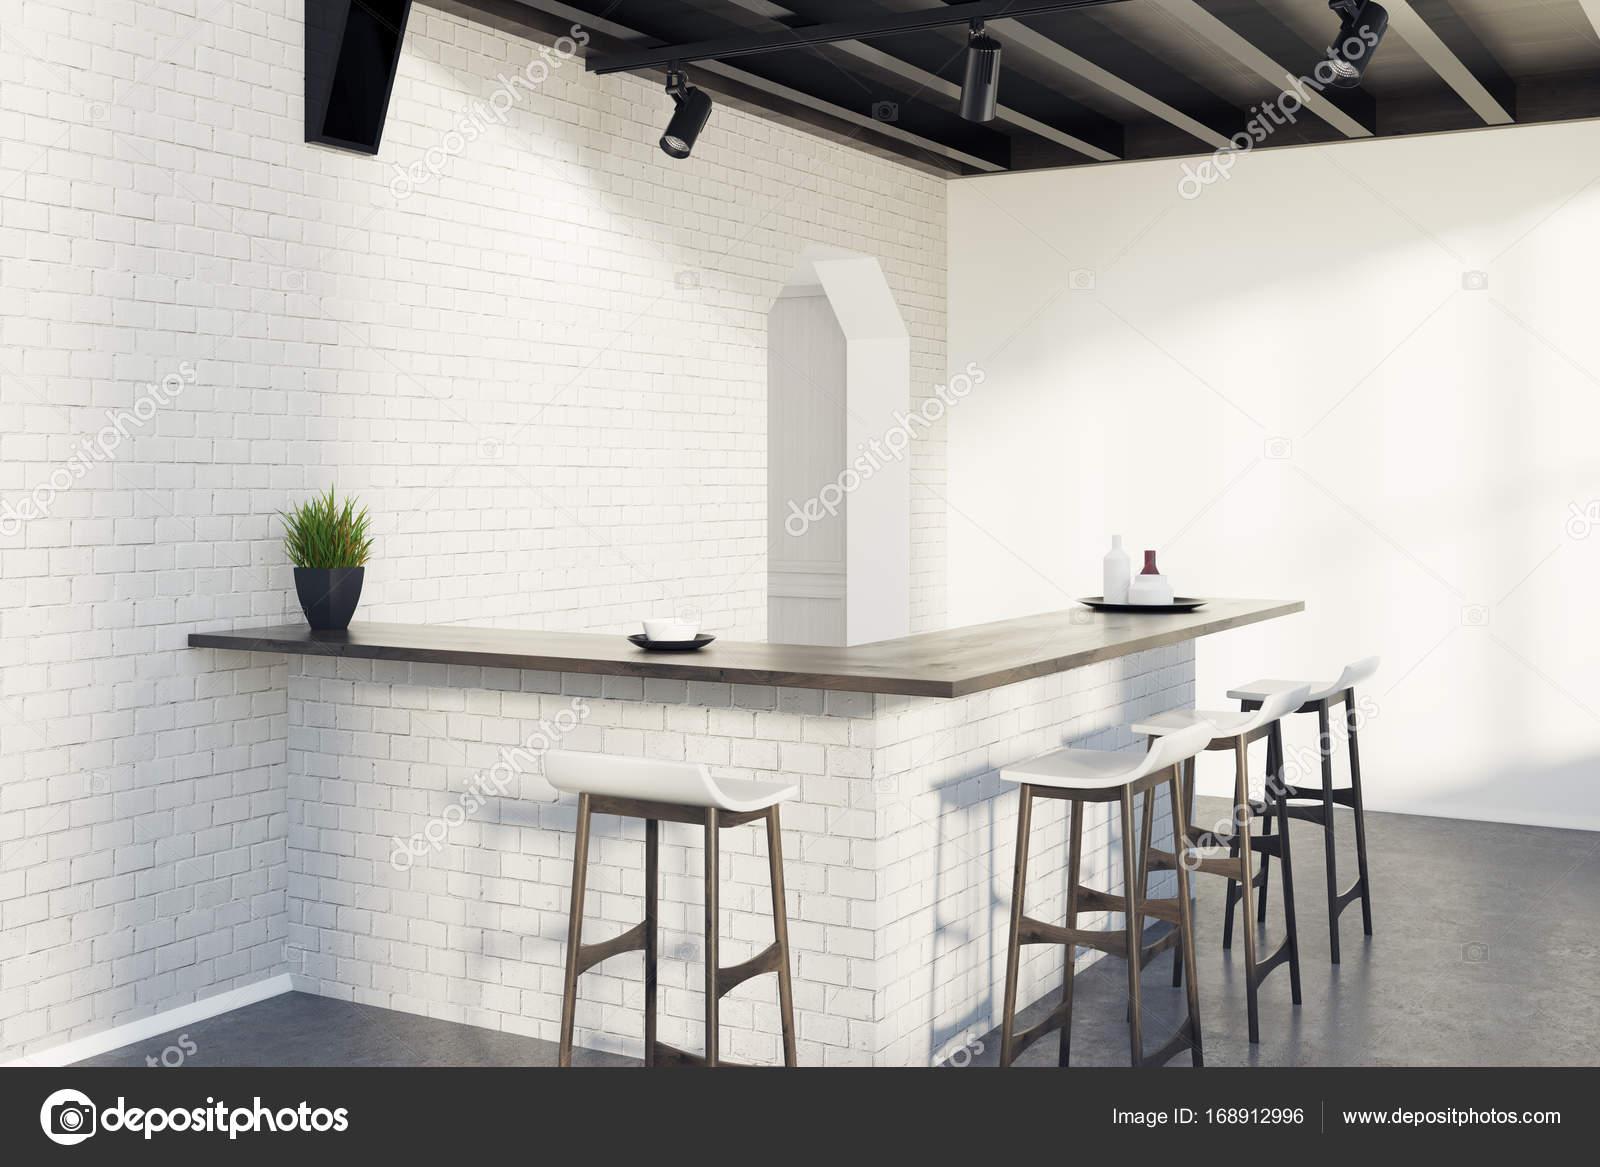 Mattone cucina bar sgabelli e una porta angolo grigio u foto